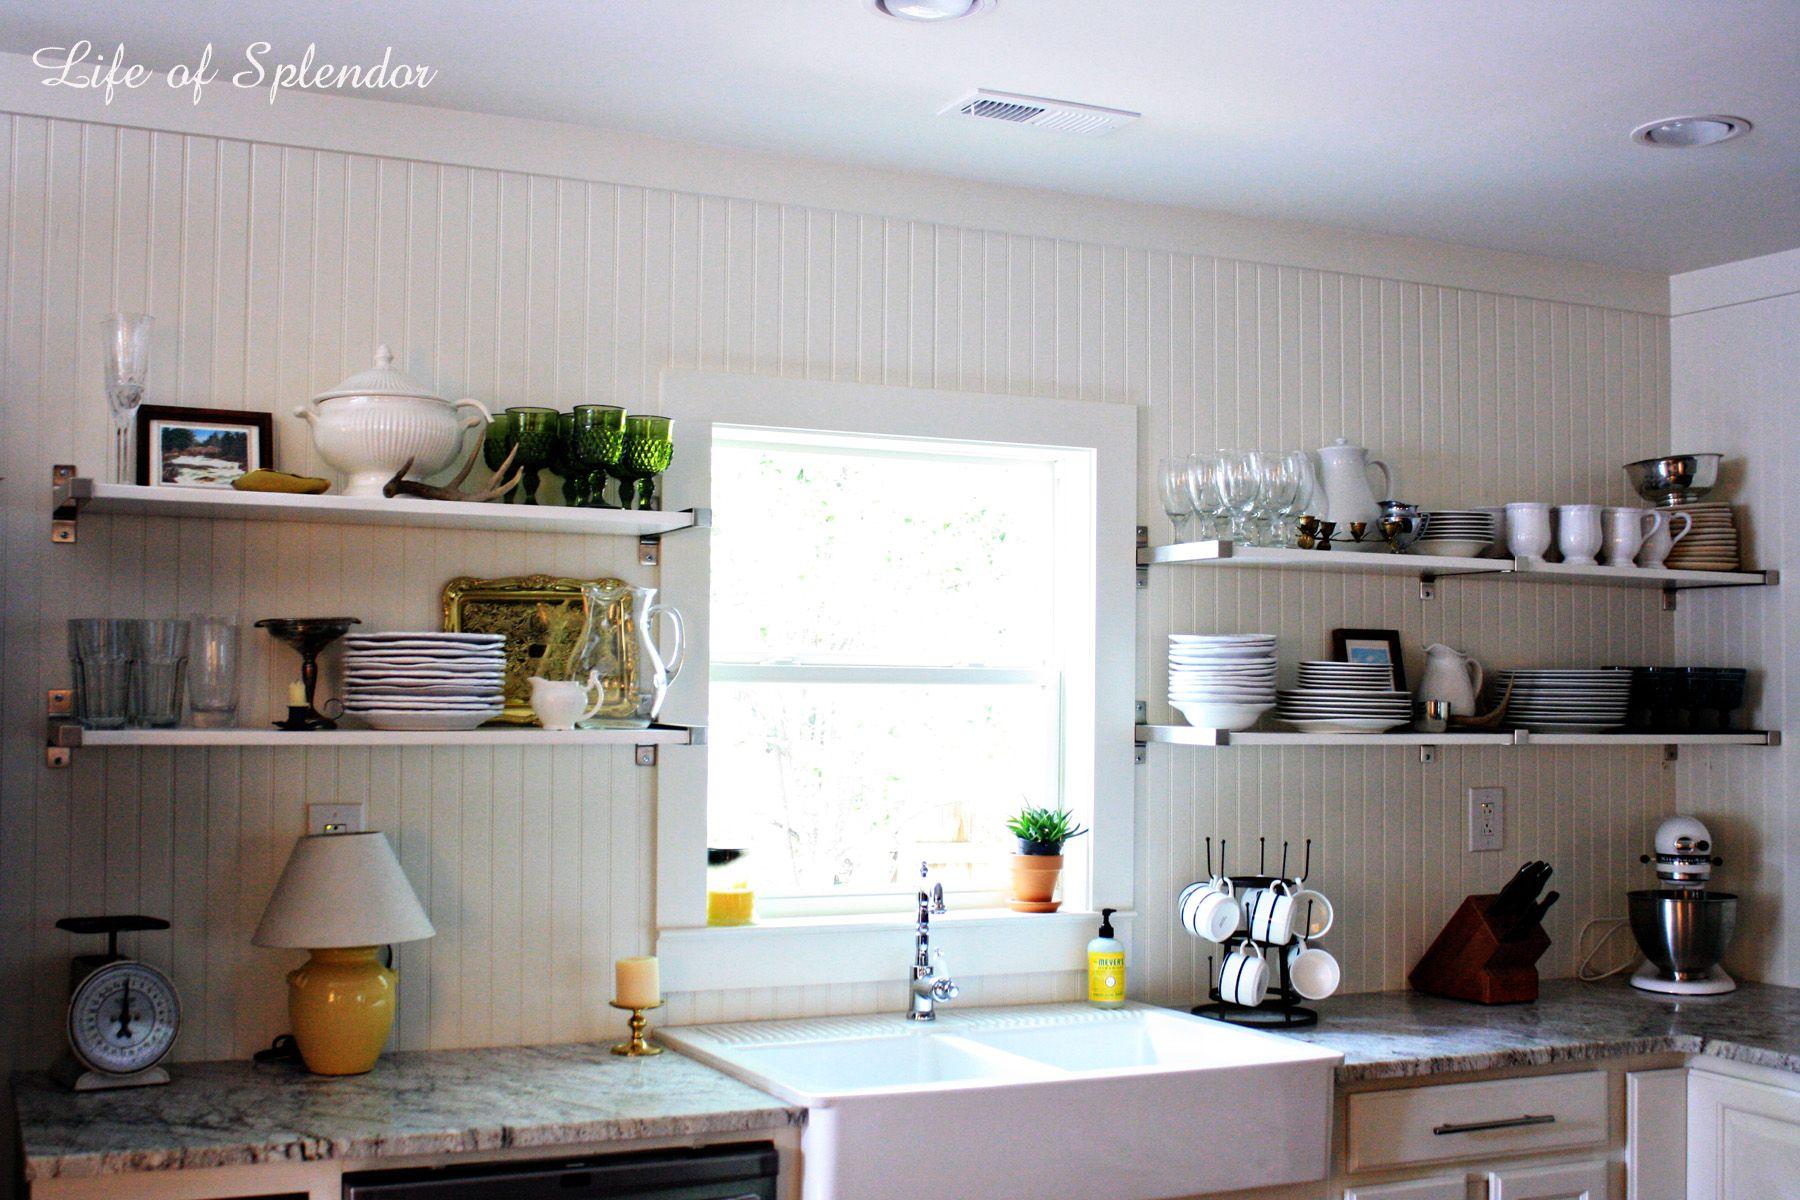 Modern Open Shelving Kitchen Ideas Chocoaddicts Beautiful Choose Best Kitchen Shelves Designs Design Ideas